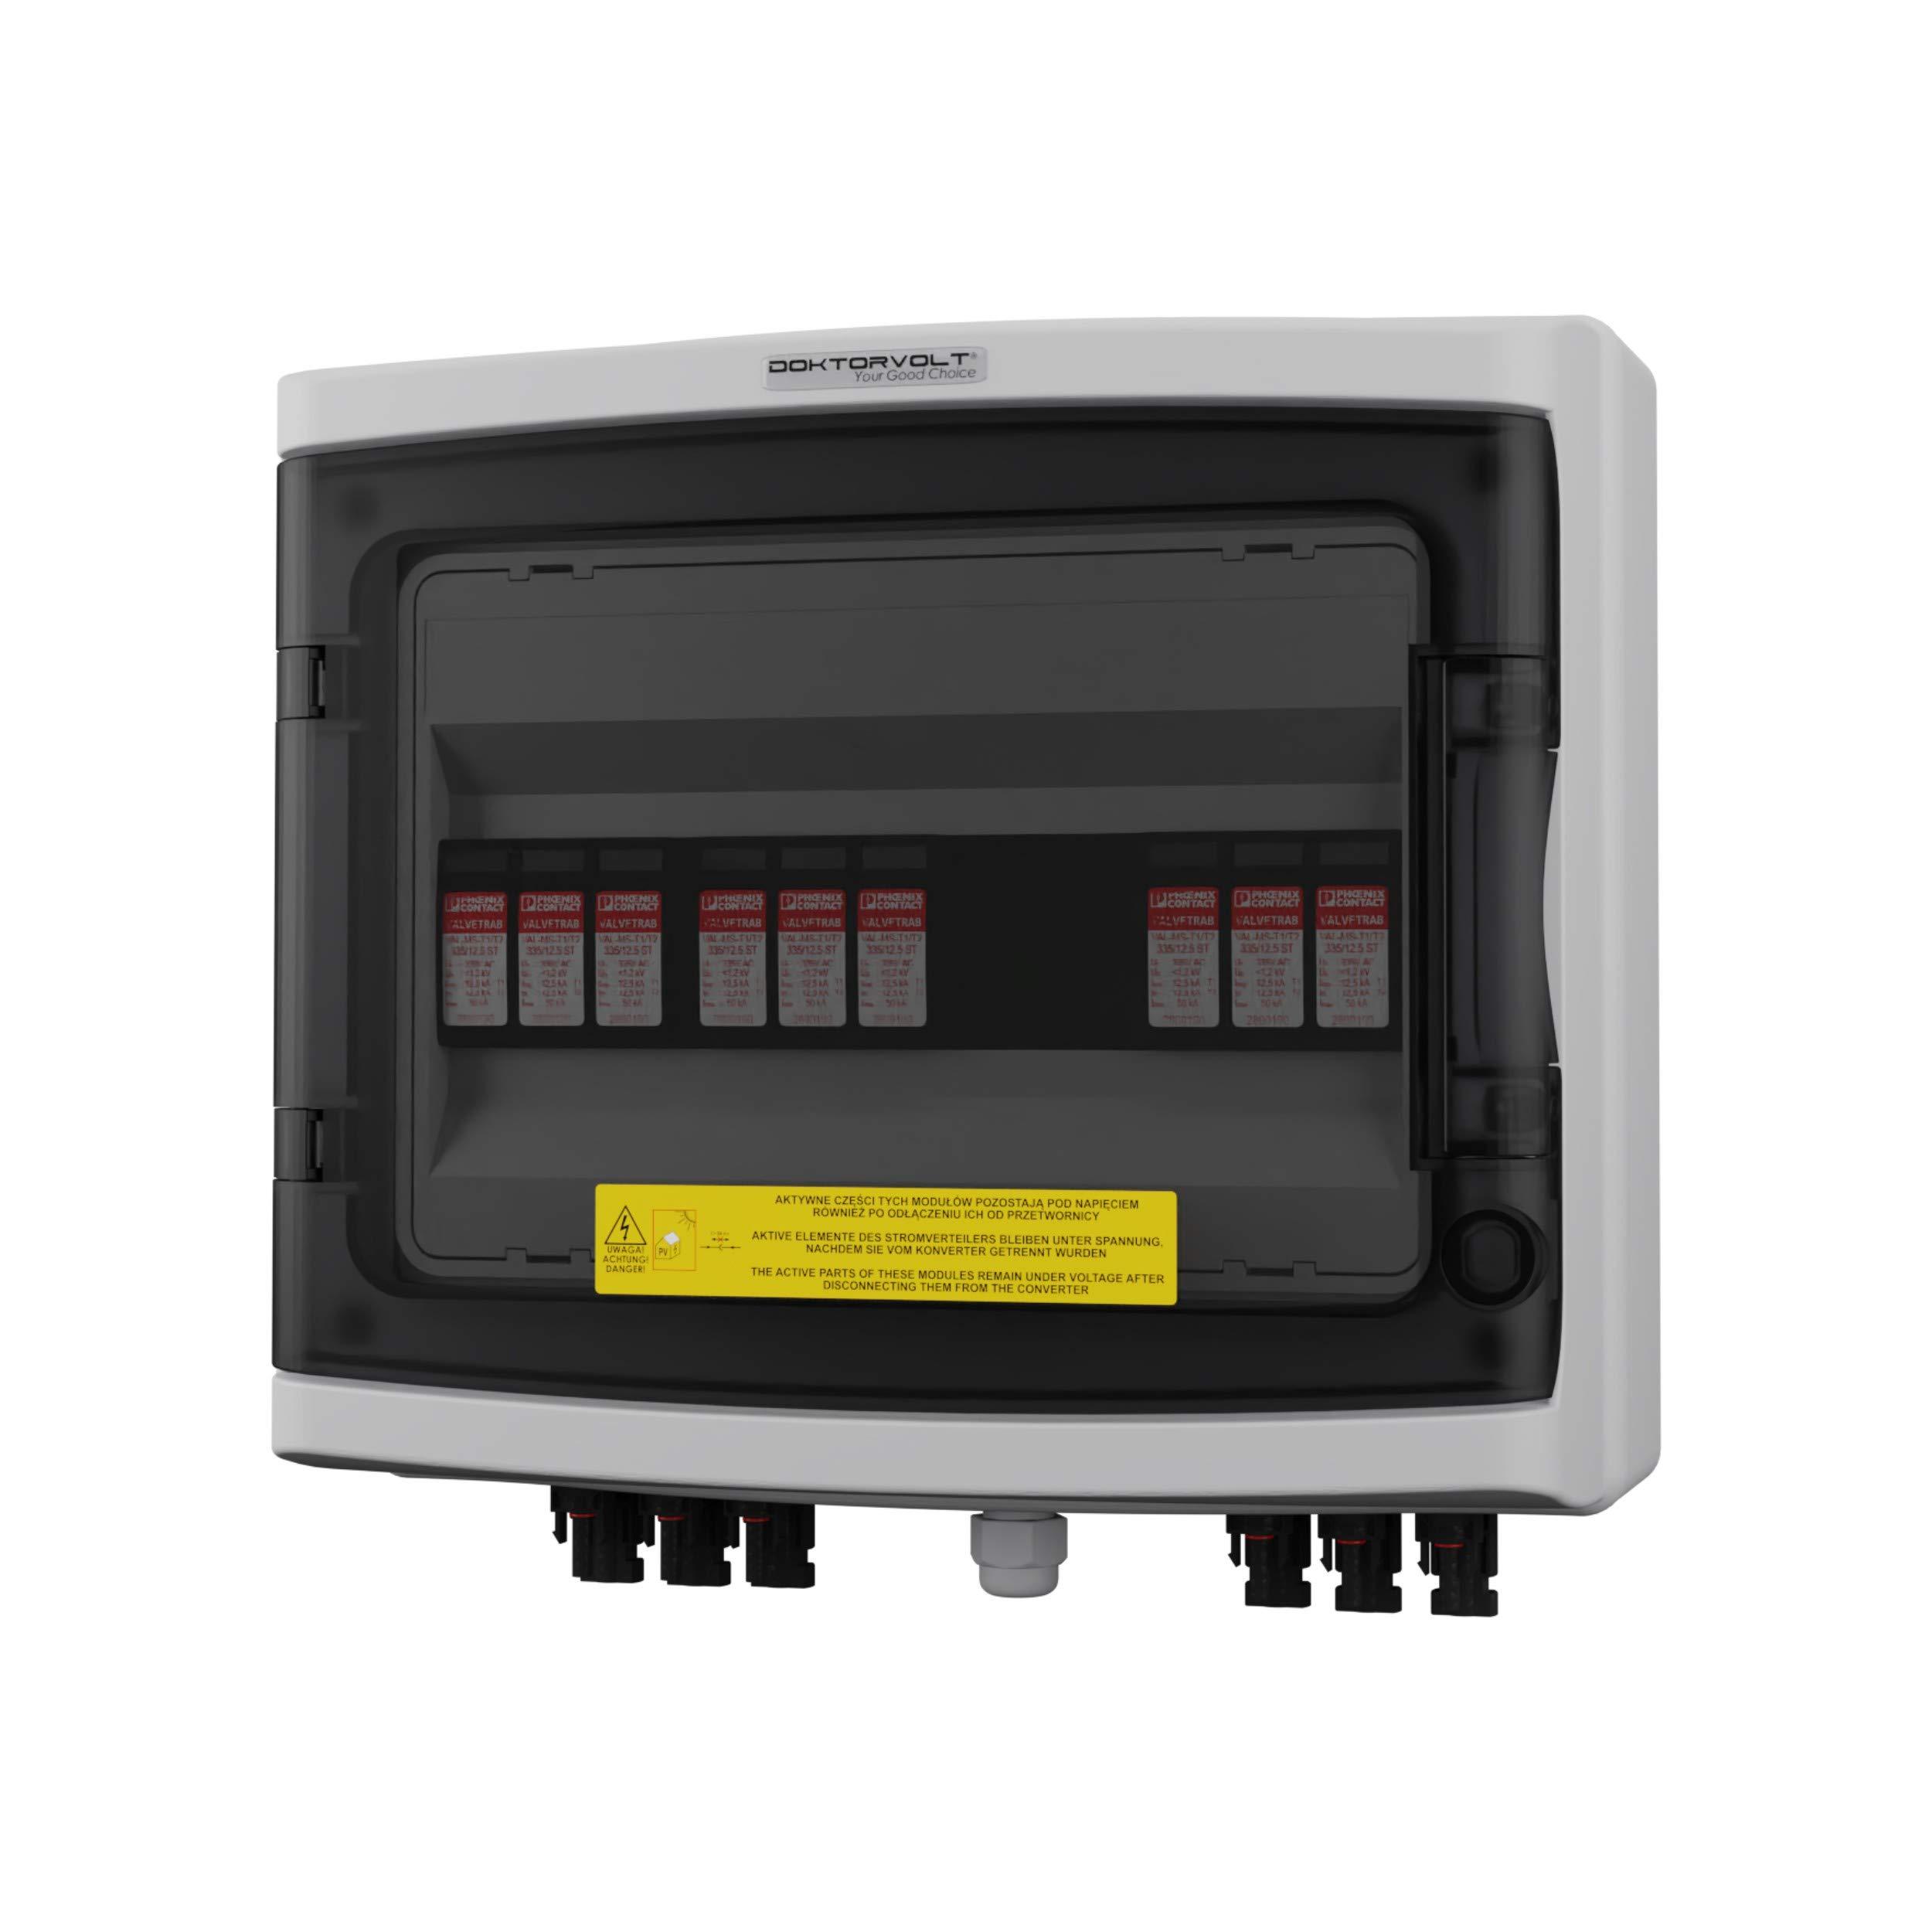 Caja de conexión solar fotovoltaica DC 1000 V T1 T2 3 cuerdas MC4 protección contra sobretensiones Doktorvolt 2438: Amazon.es: Bricolaje y herramientas